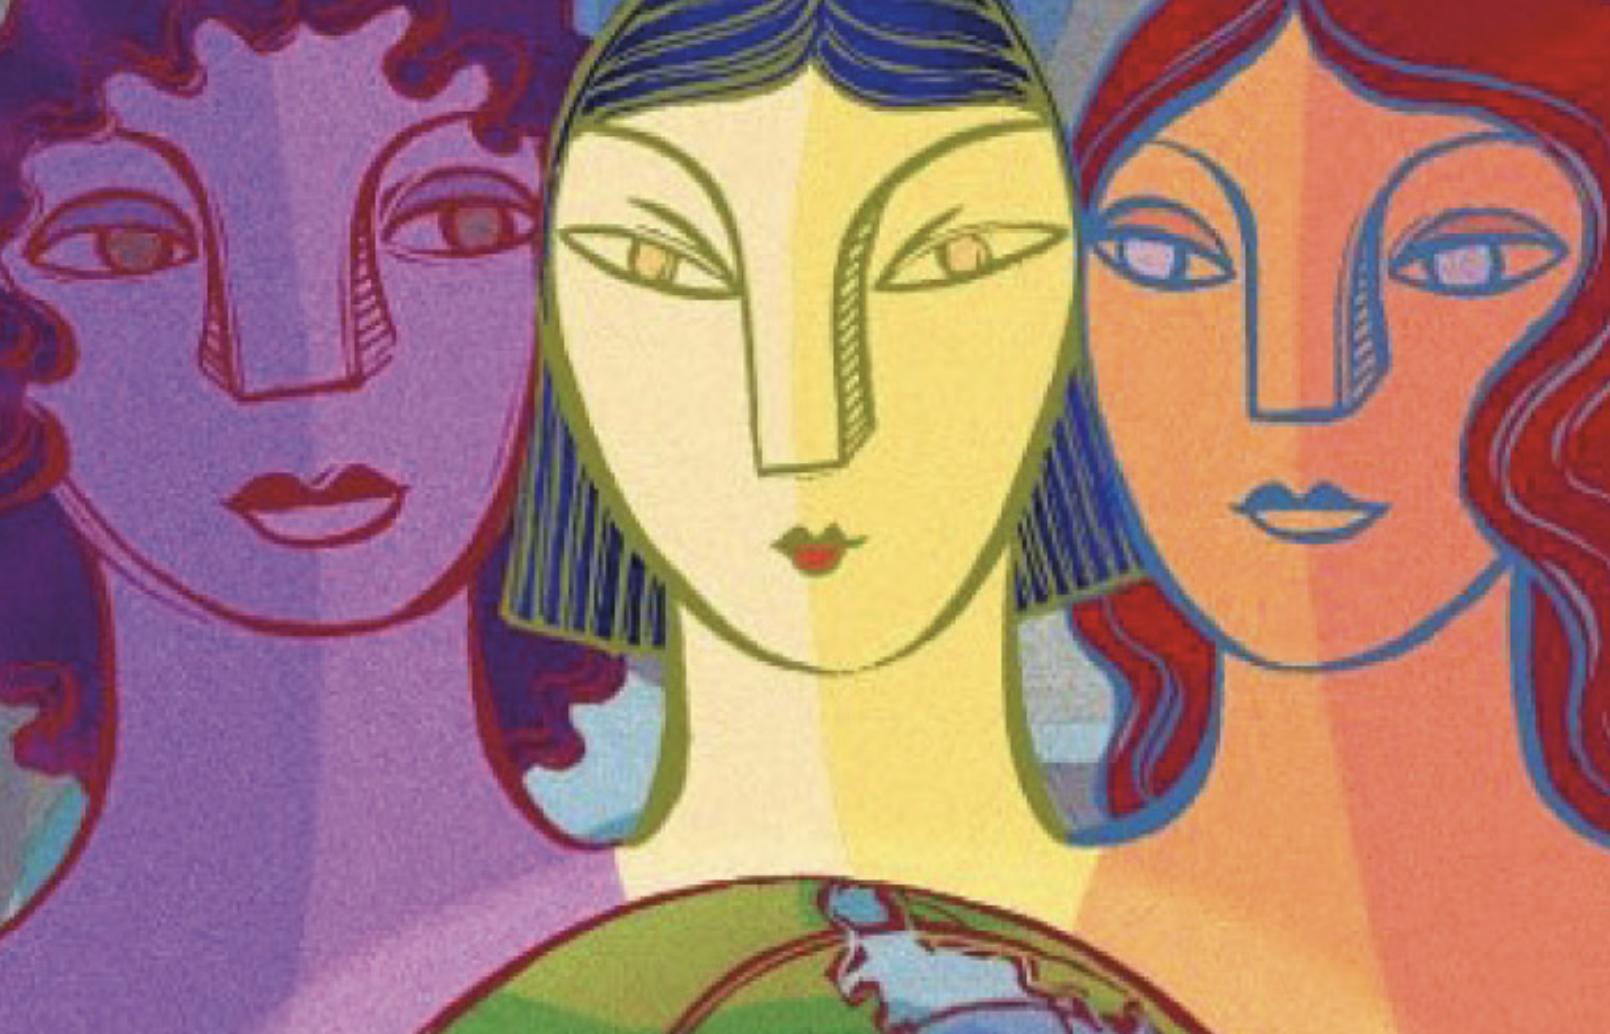 Mujeres inmigrantes, parias de nuestro mercado de trabajo